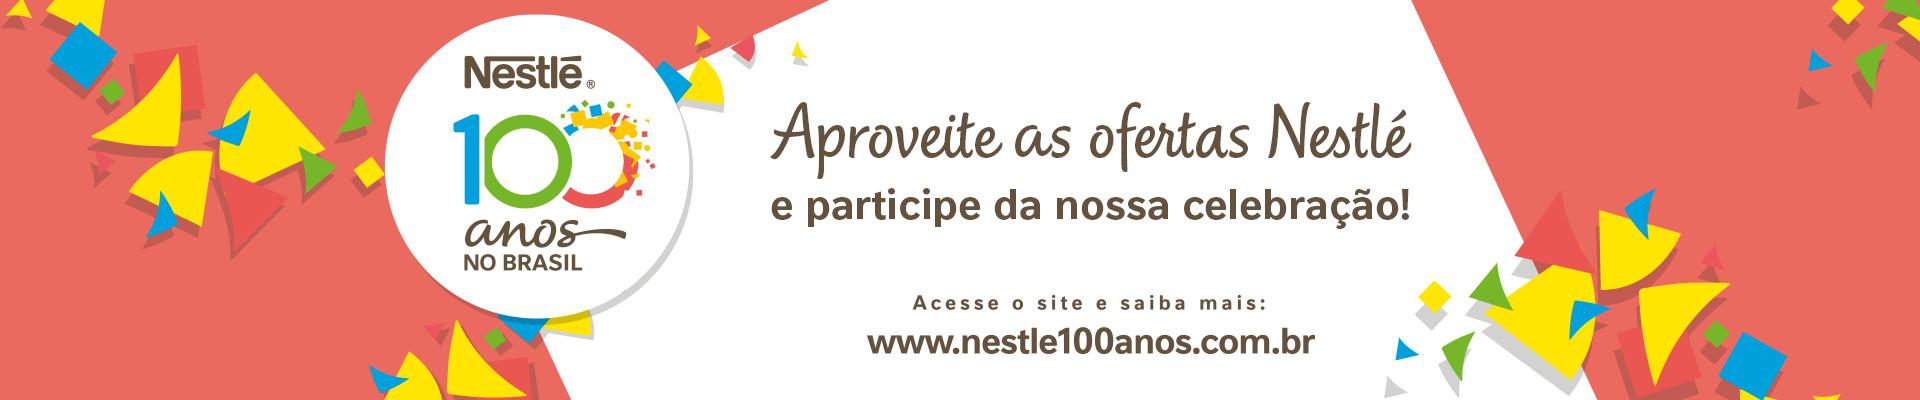 Nestlé 1